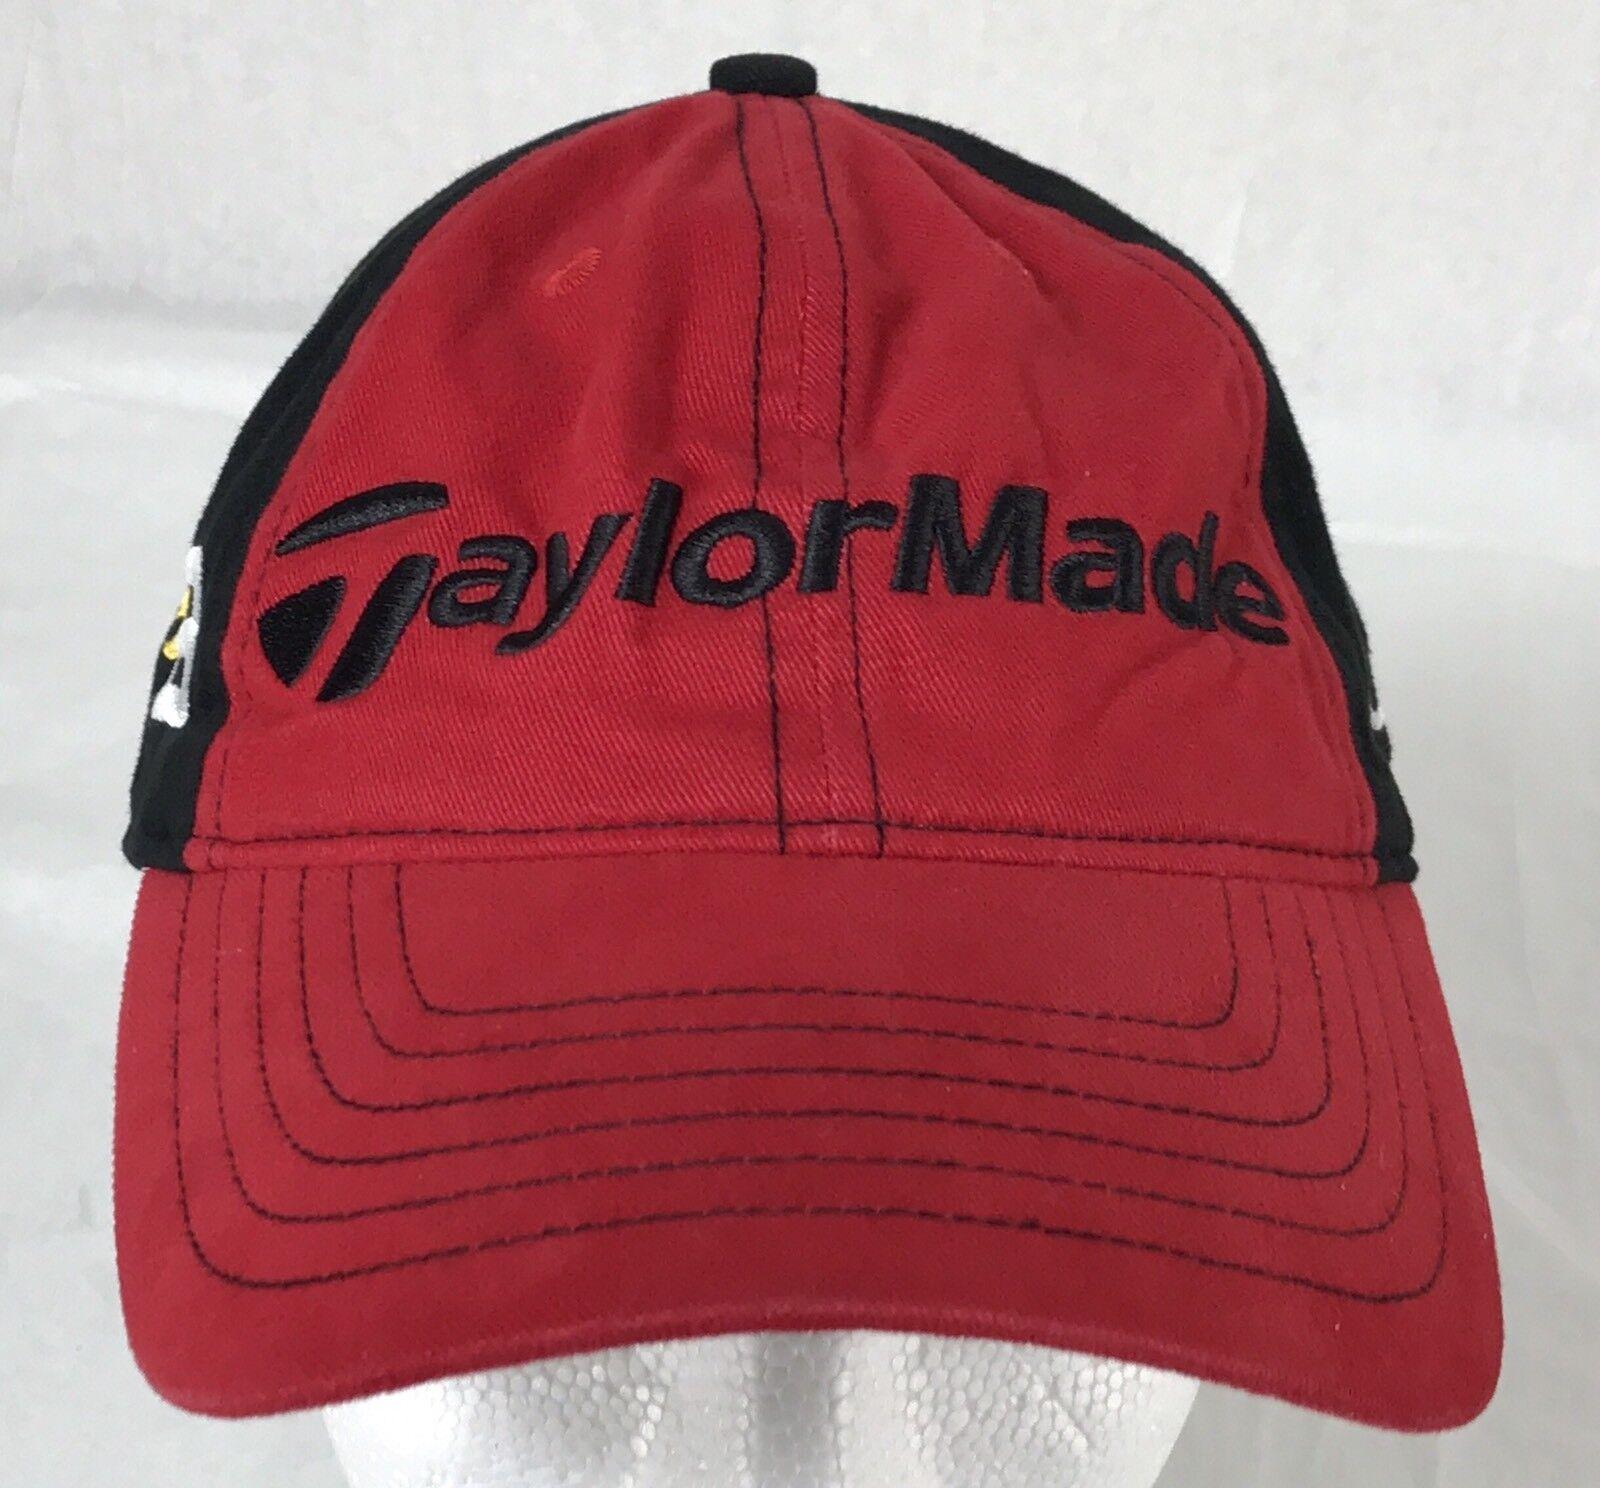 buy online ba87d 65300 ... denmark taylor made burner baseball cap hat bill strap back curved bill  hat red black cotton